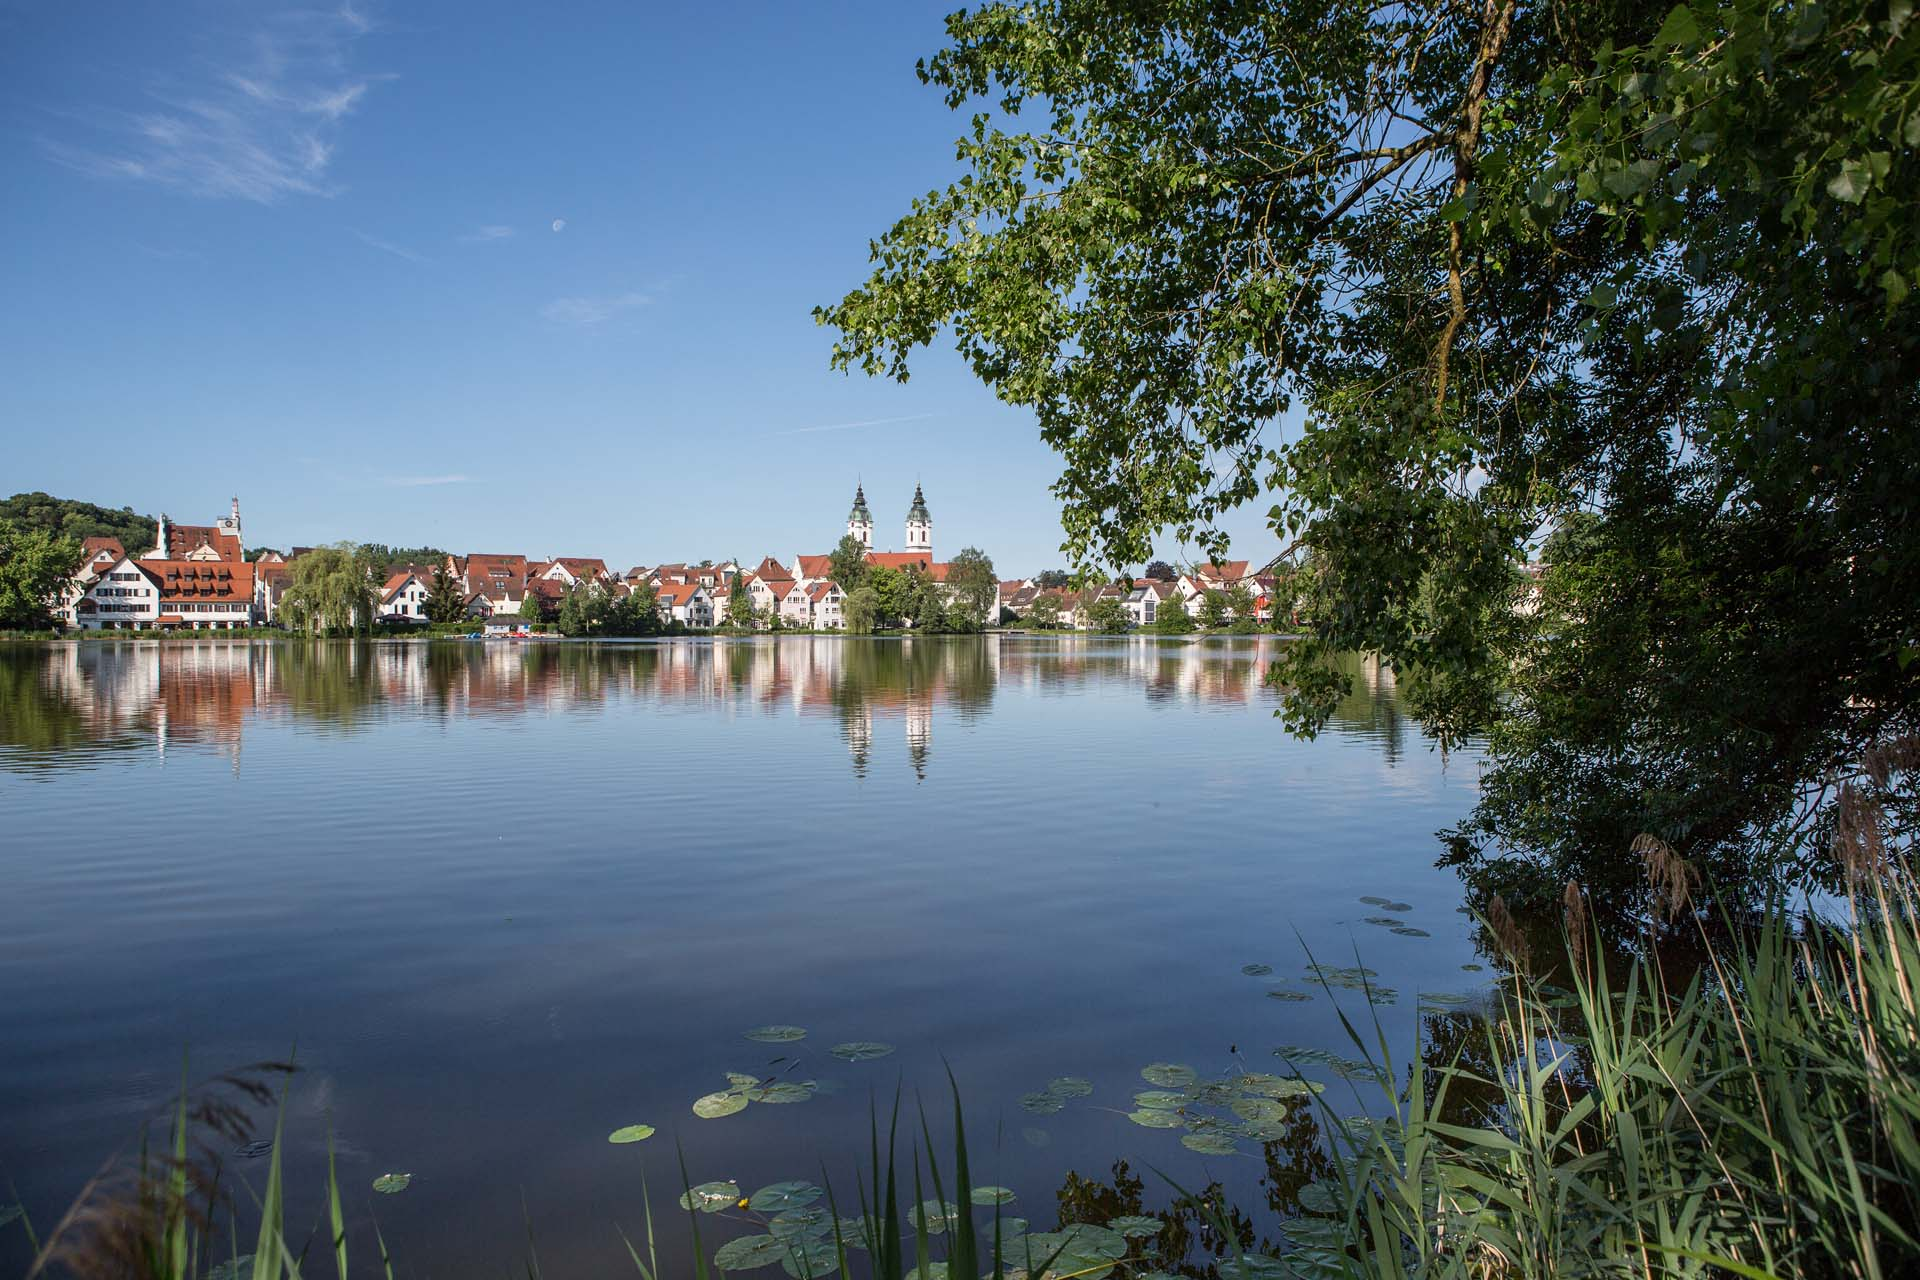 Das Ziel dieser Etappe ist Bad Waldsee, welches eingebettet zwischen zwei Naturseen mit einer historischen Innenstadt aufwartet.